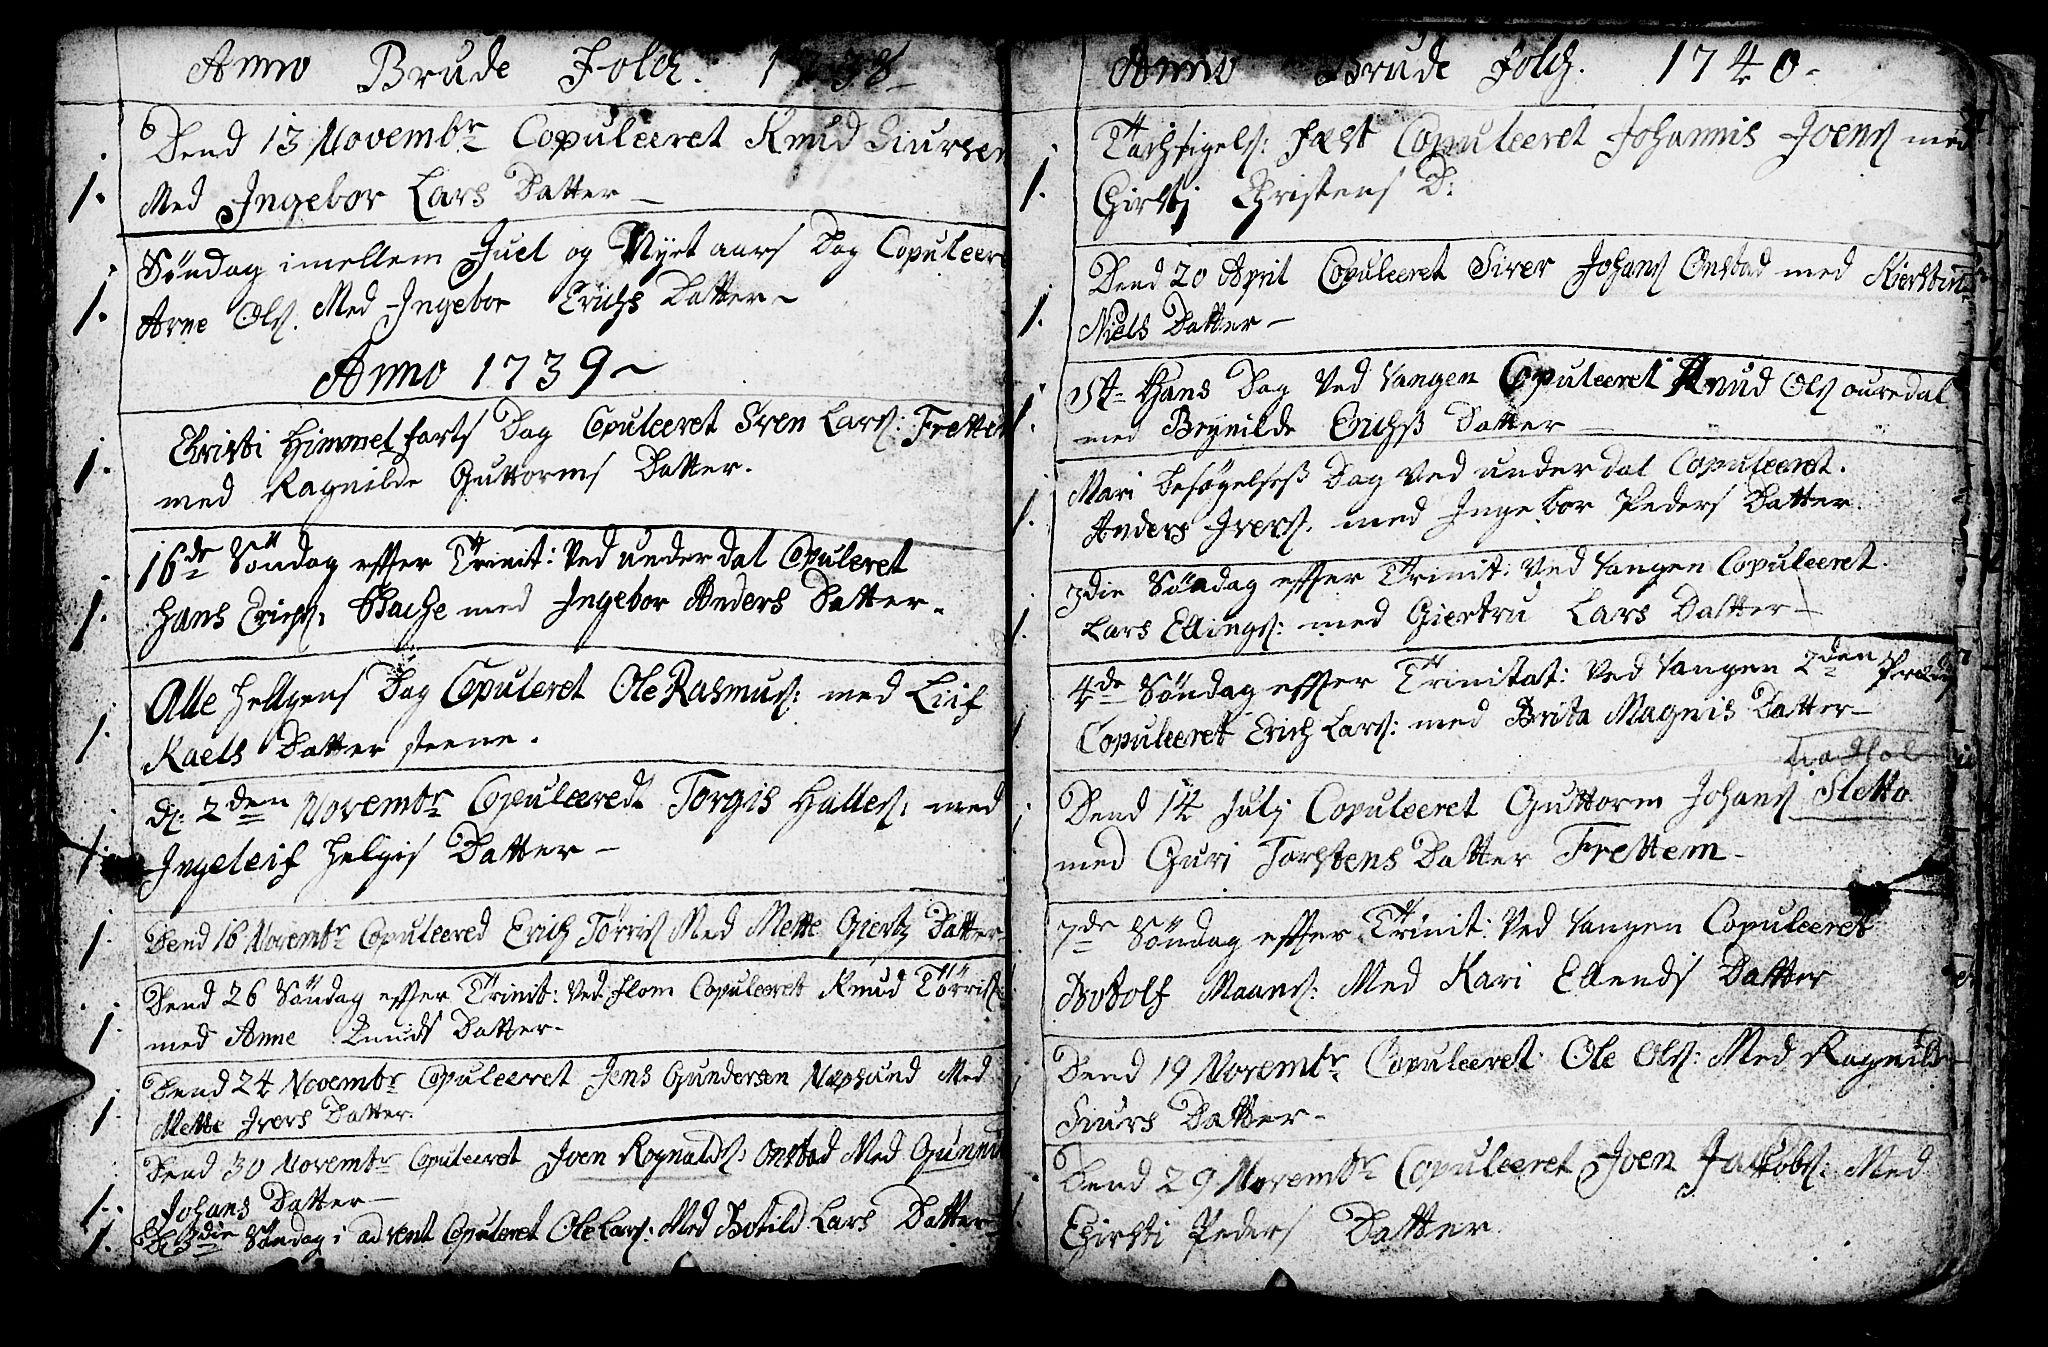 SAB, Aurland Sokneprestembete*, Ministerialbok nr. A 3, 1735-1761, s. 189